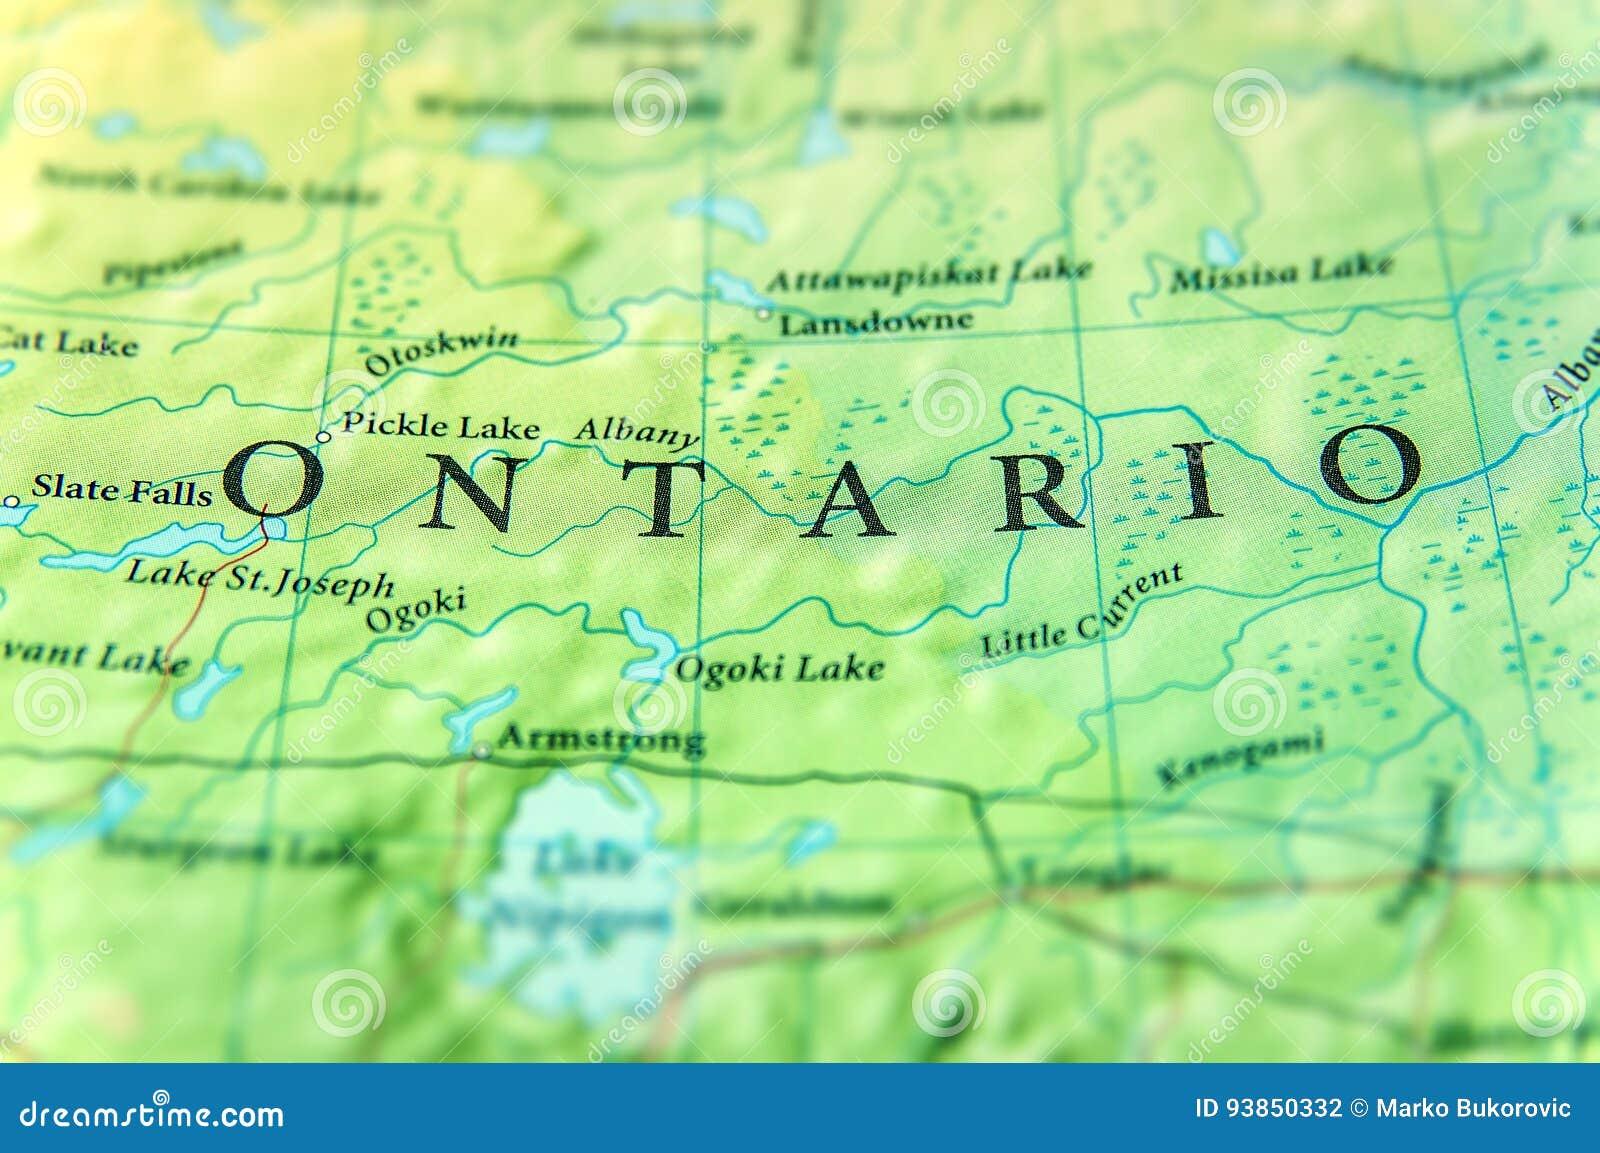 Γεωγραφικός χάρτης του κράτους Οντάριο του Καναδά με τις σημαντικές πόλεις